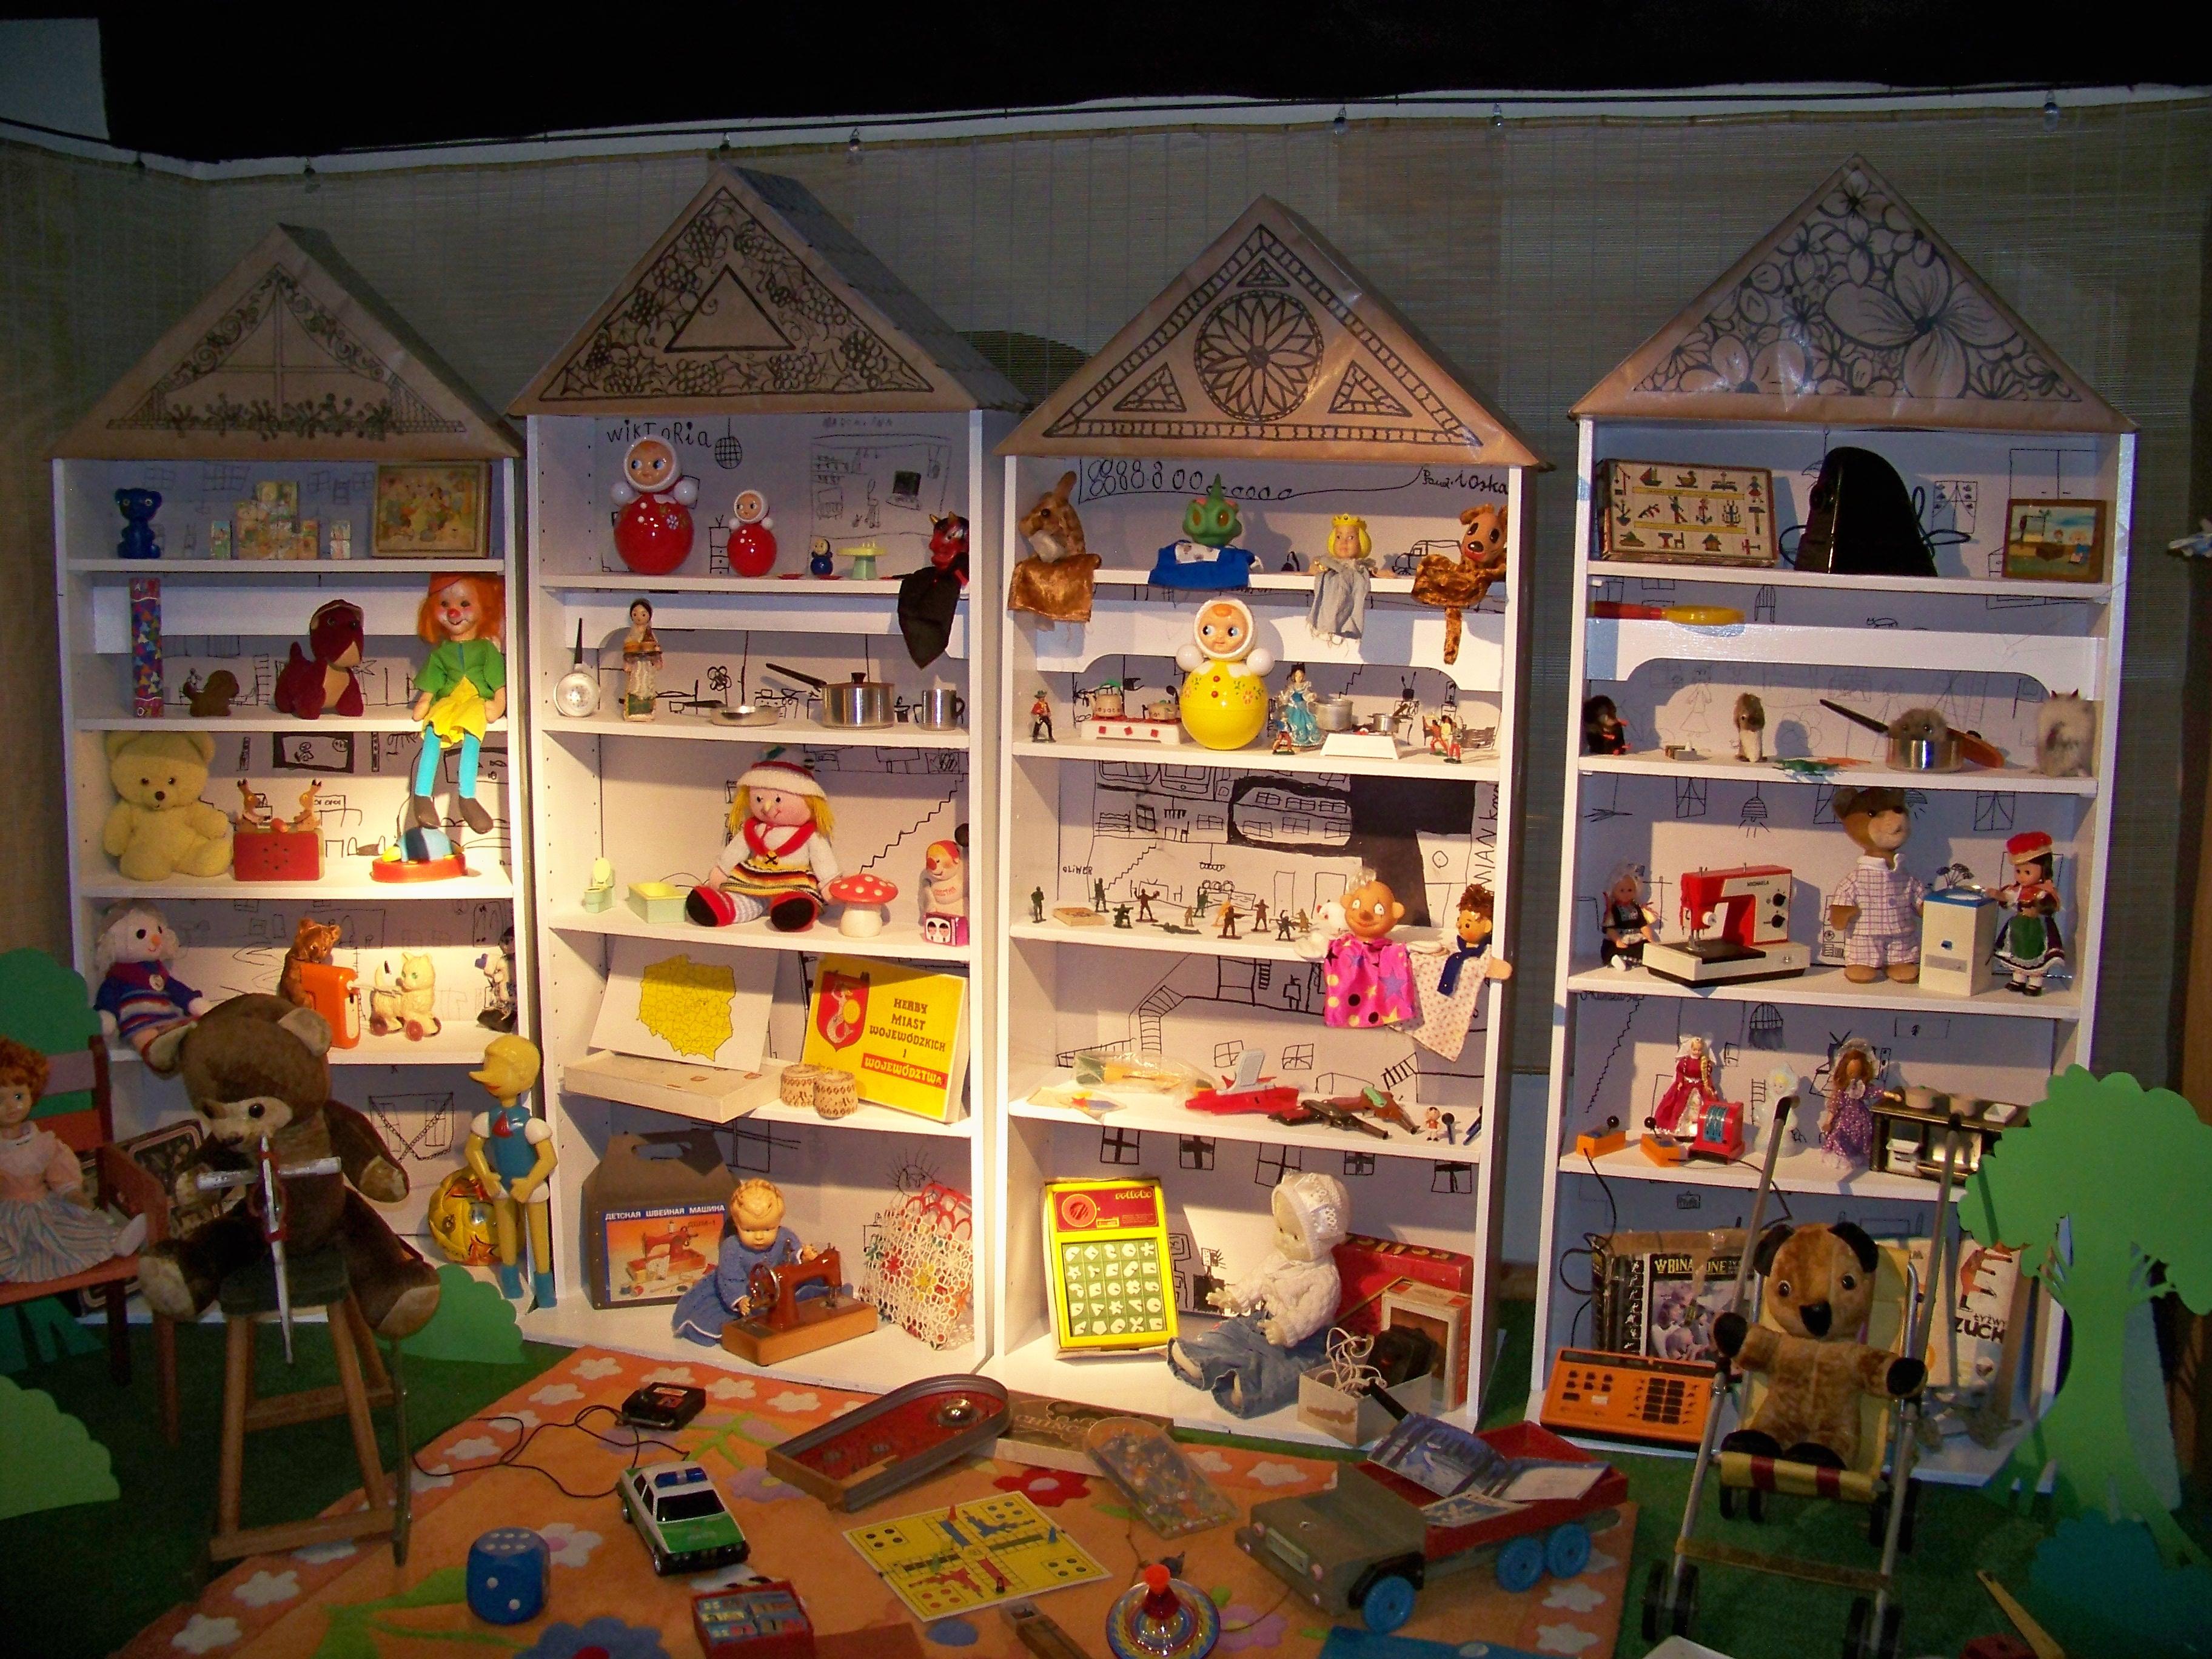 Gry i zabawki okresu PRL (zdjęcie pochodzi z materiałów organizatora)